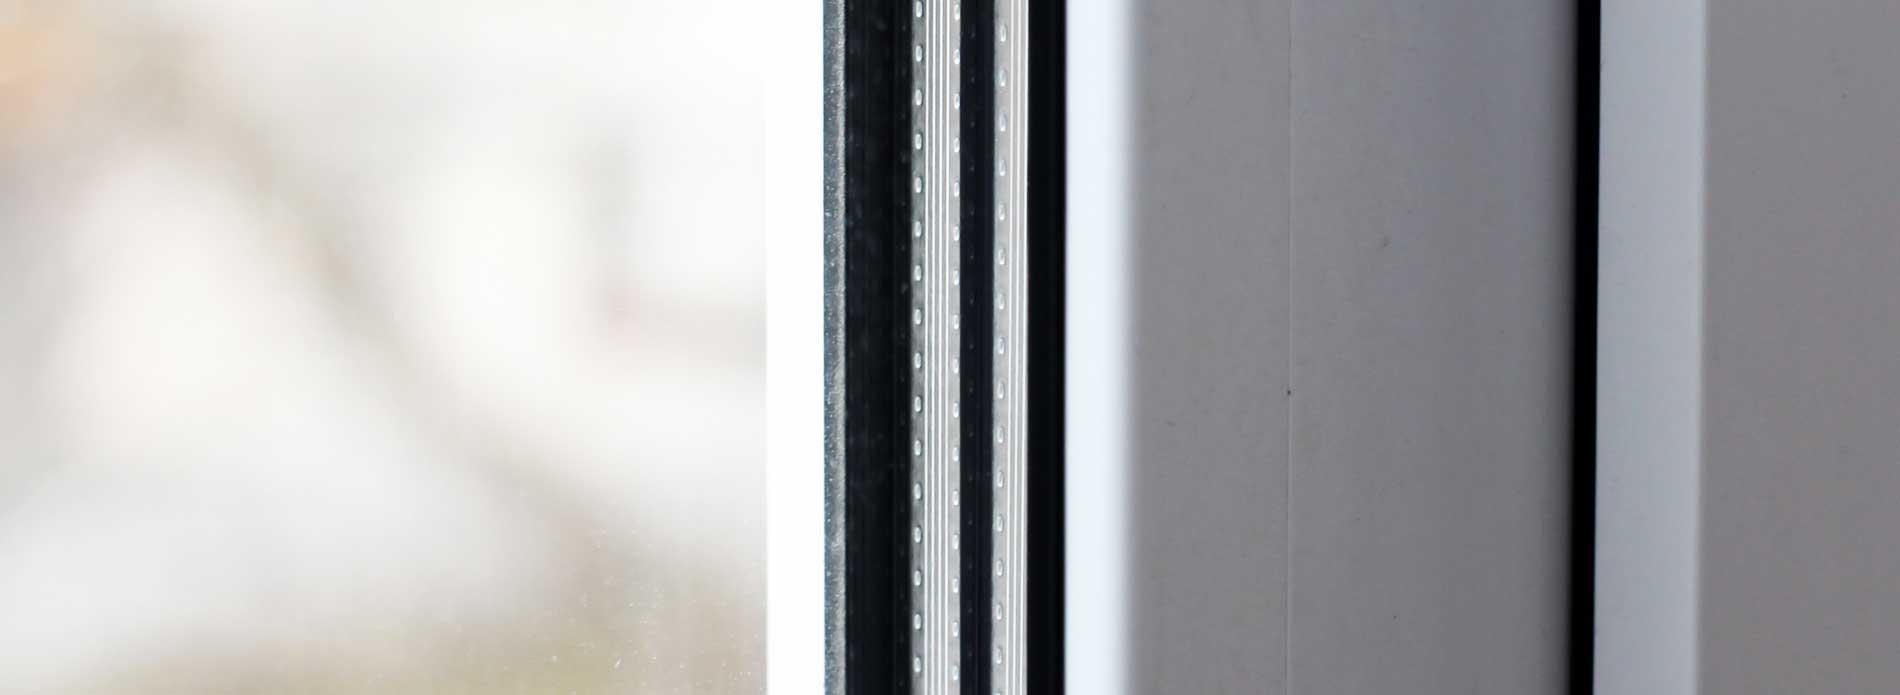 close up shot of double glazed windows